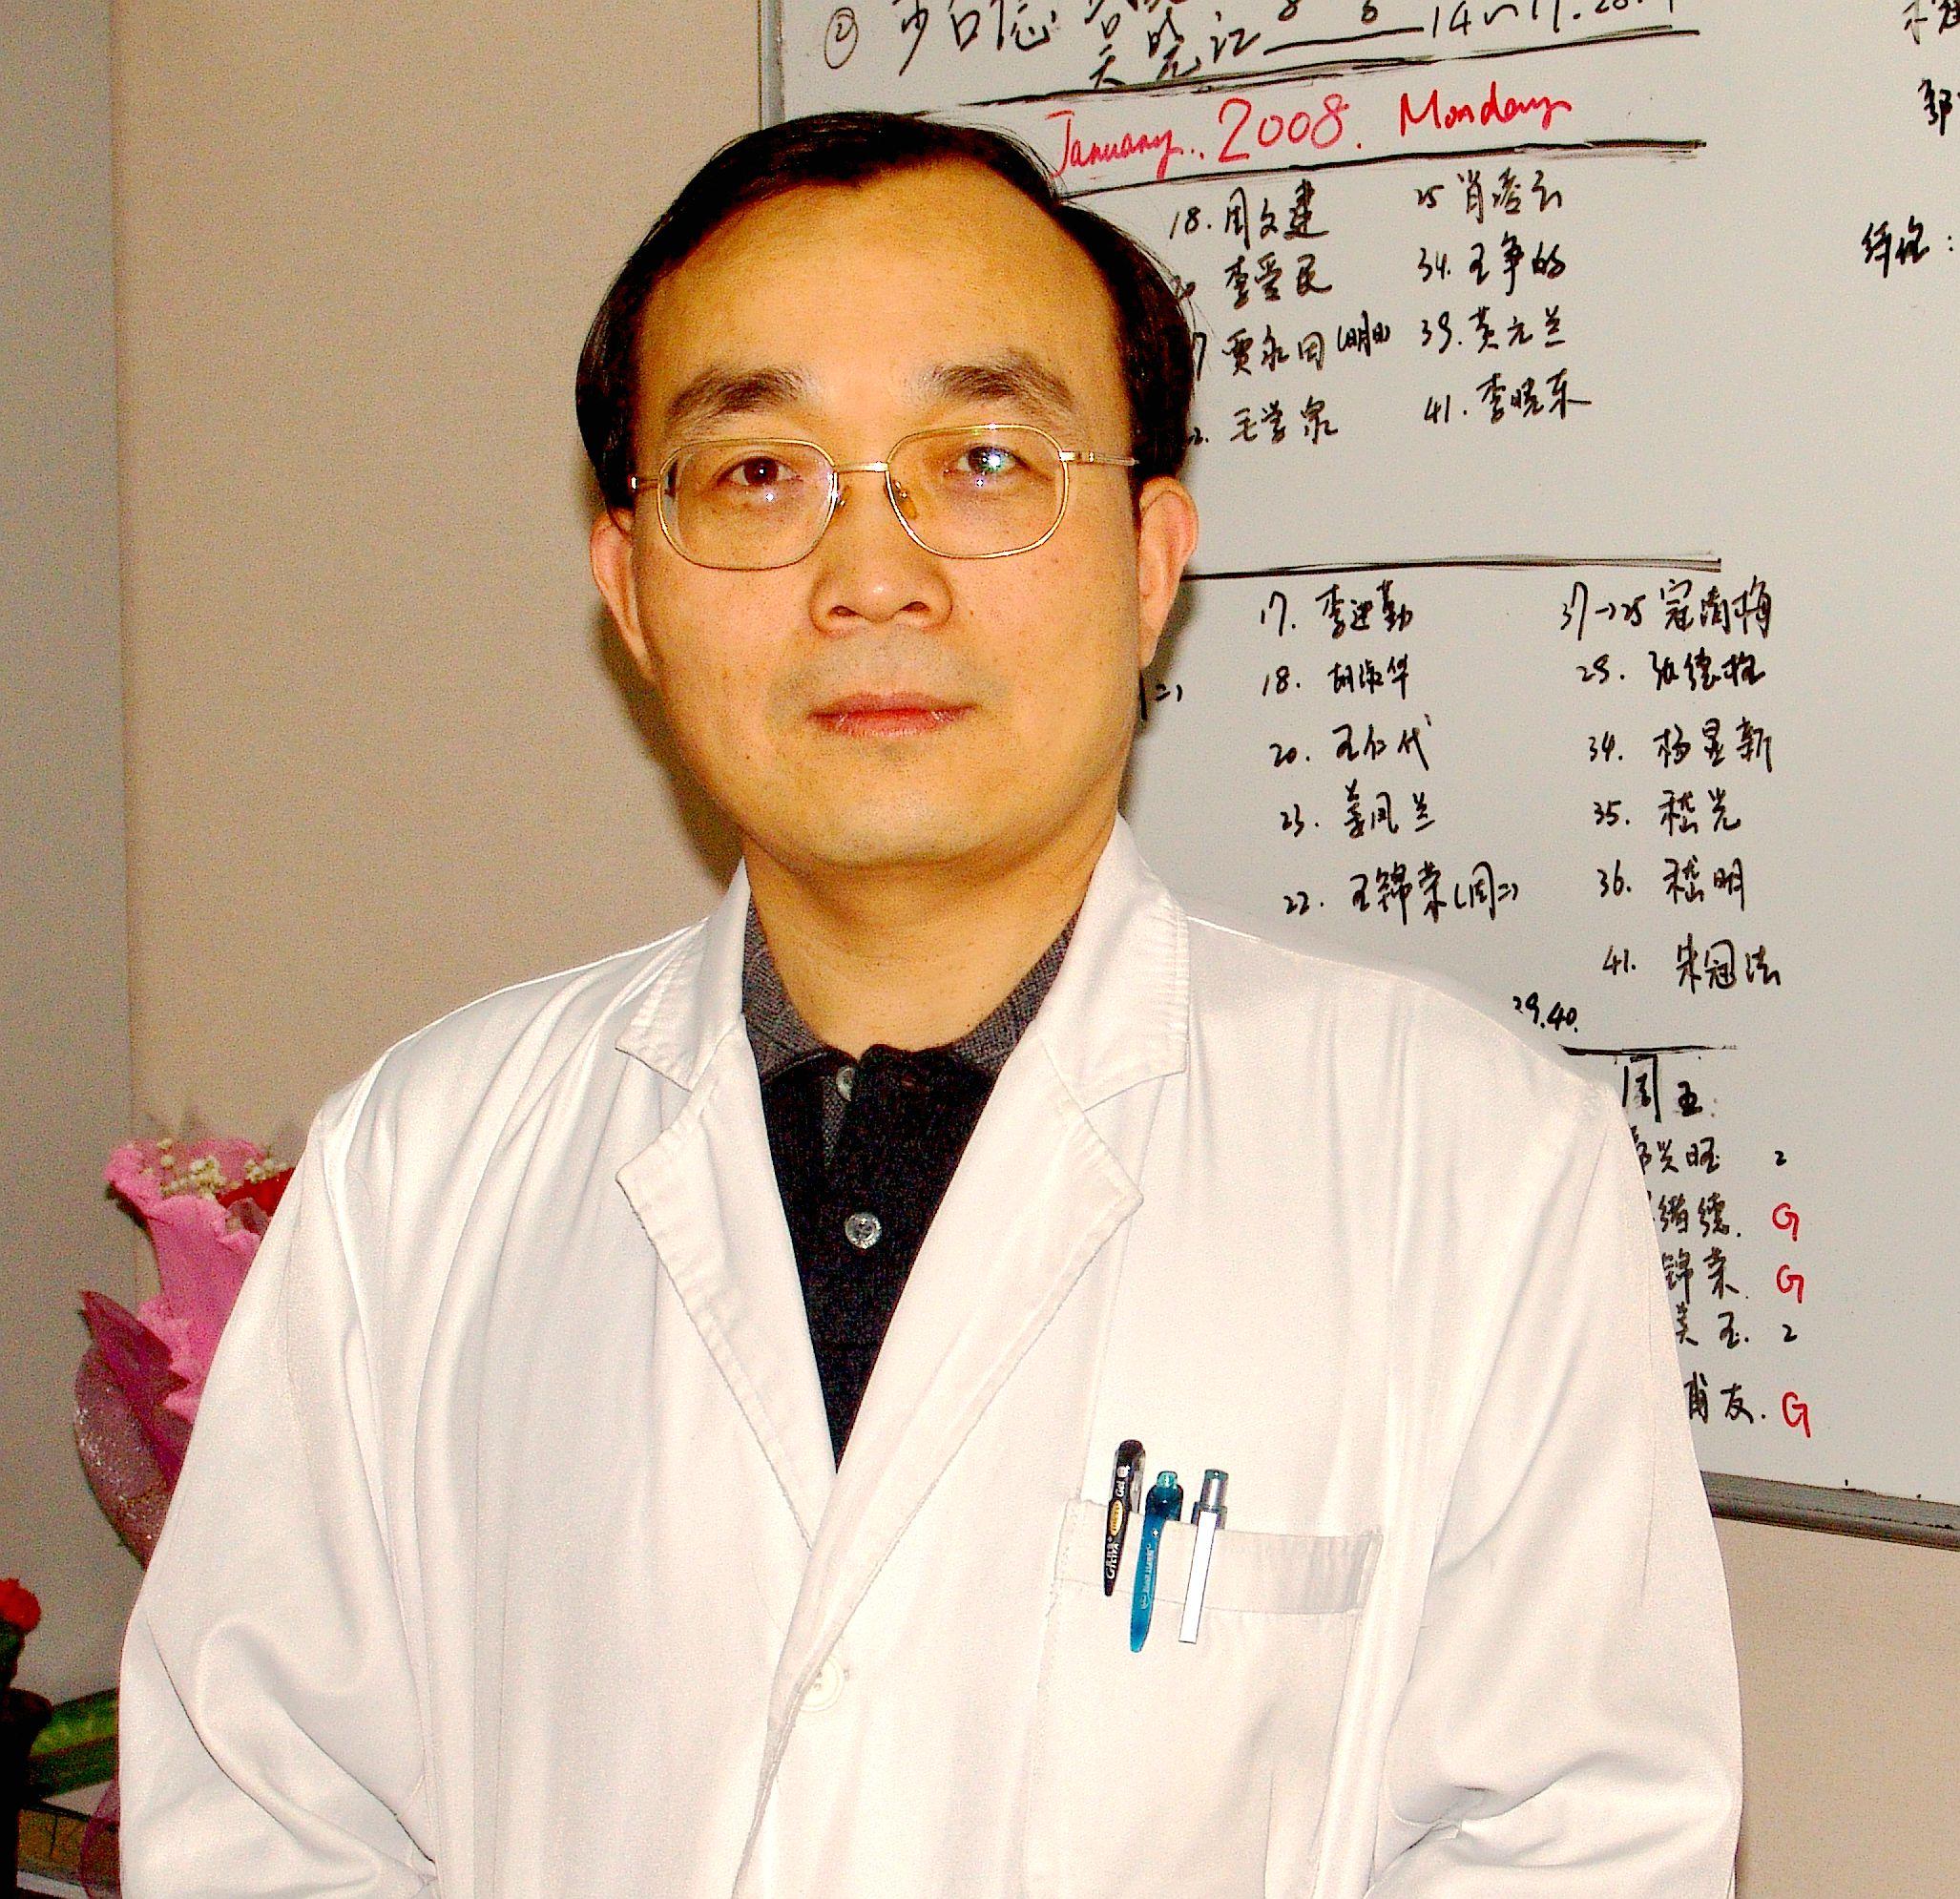 步召德:胃癌是一种慢性病